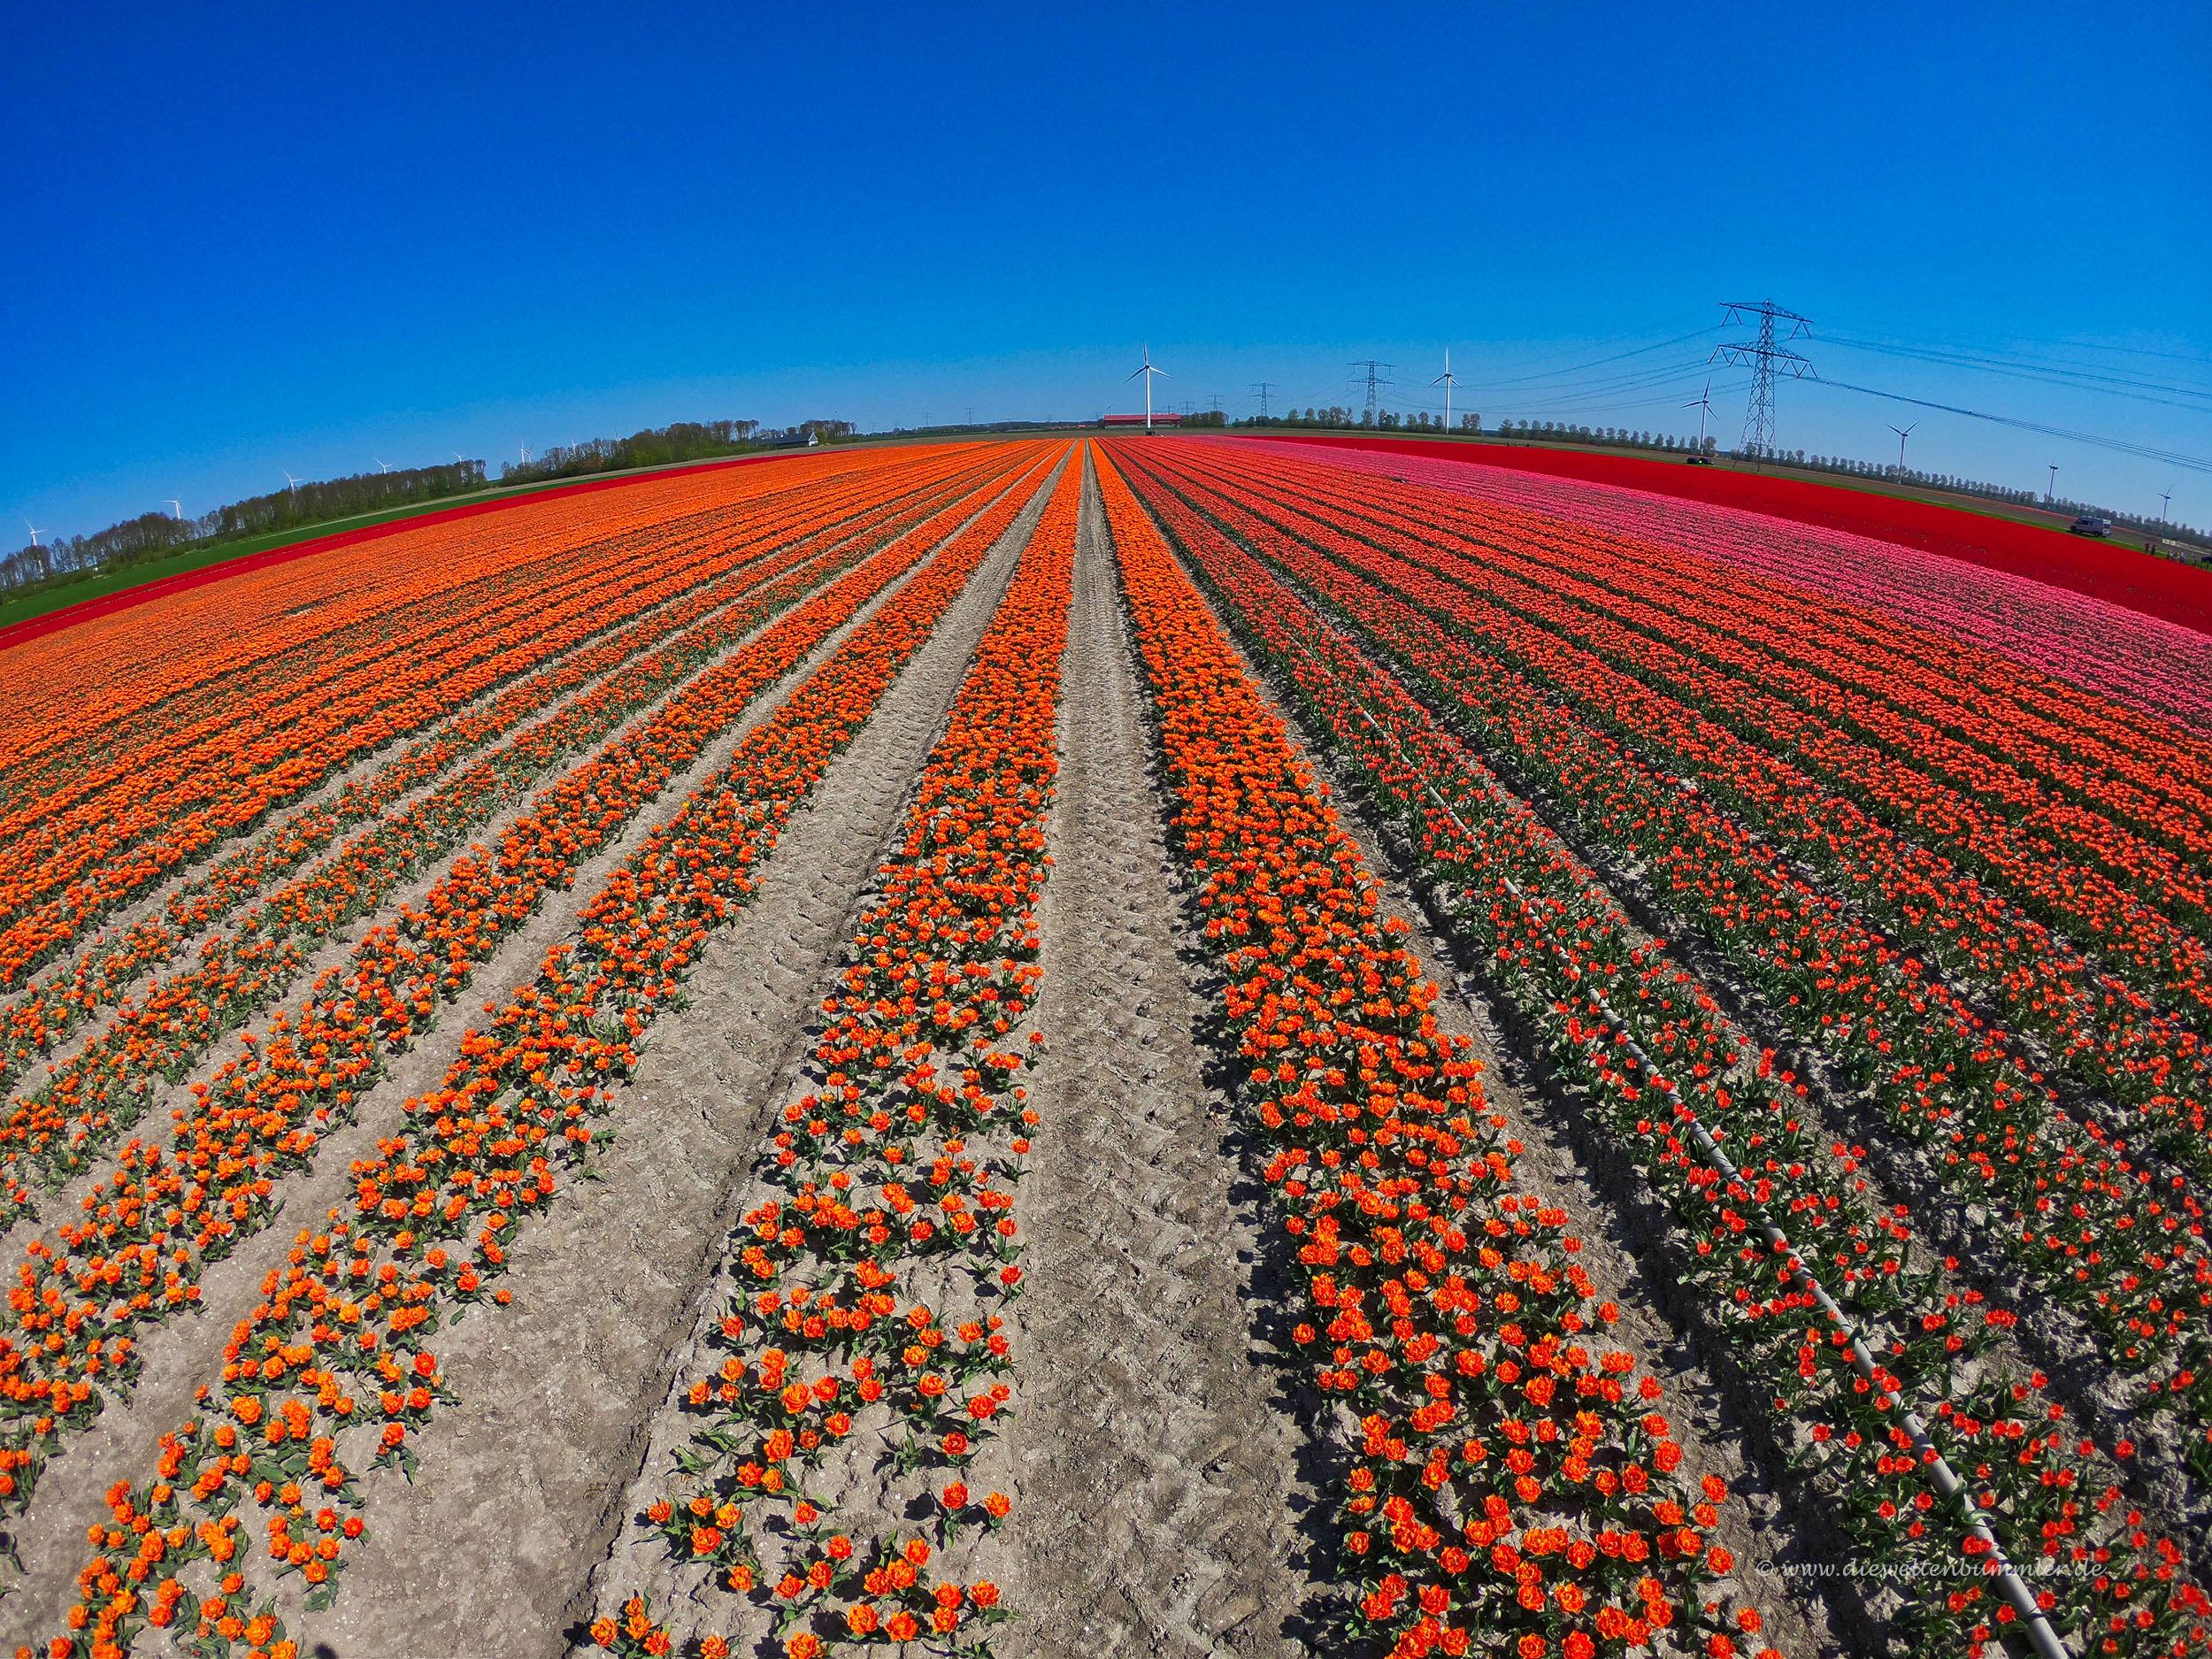 Lauter Tulpenreihen